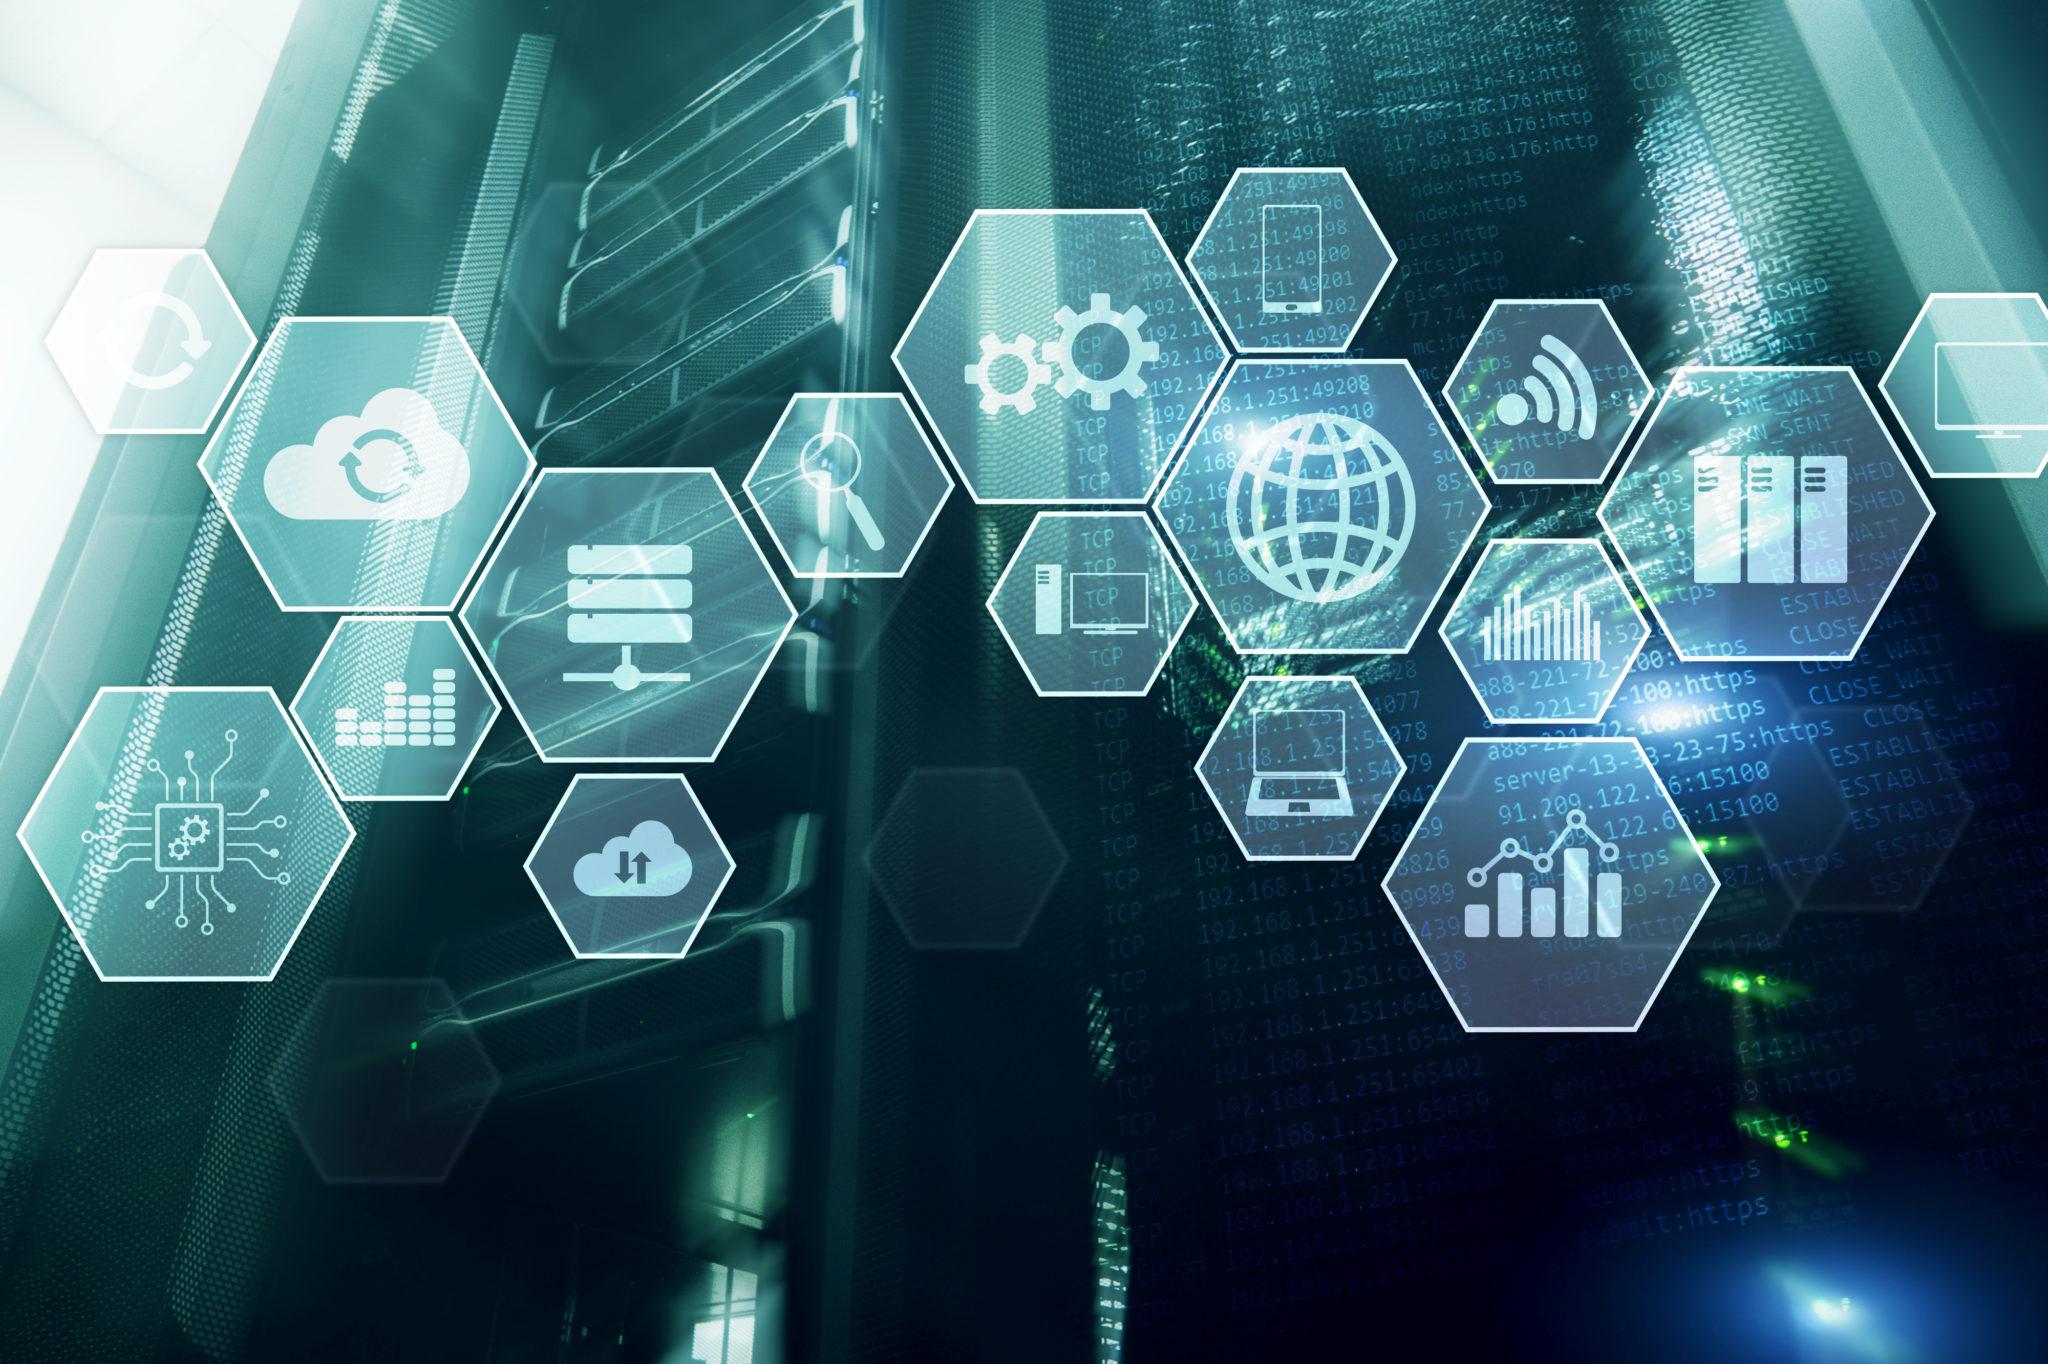 Les appareils IoT subissent en moyenne 5,200 attaques par mois